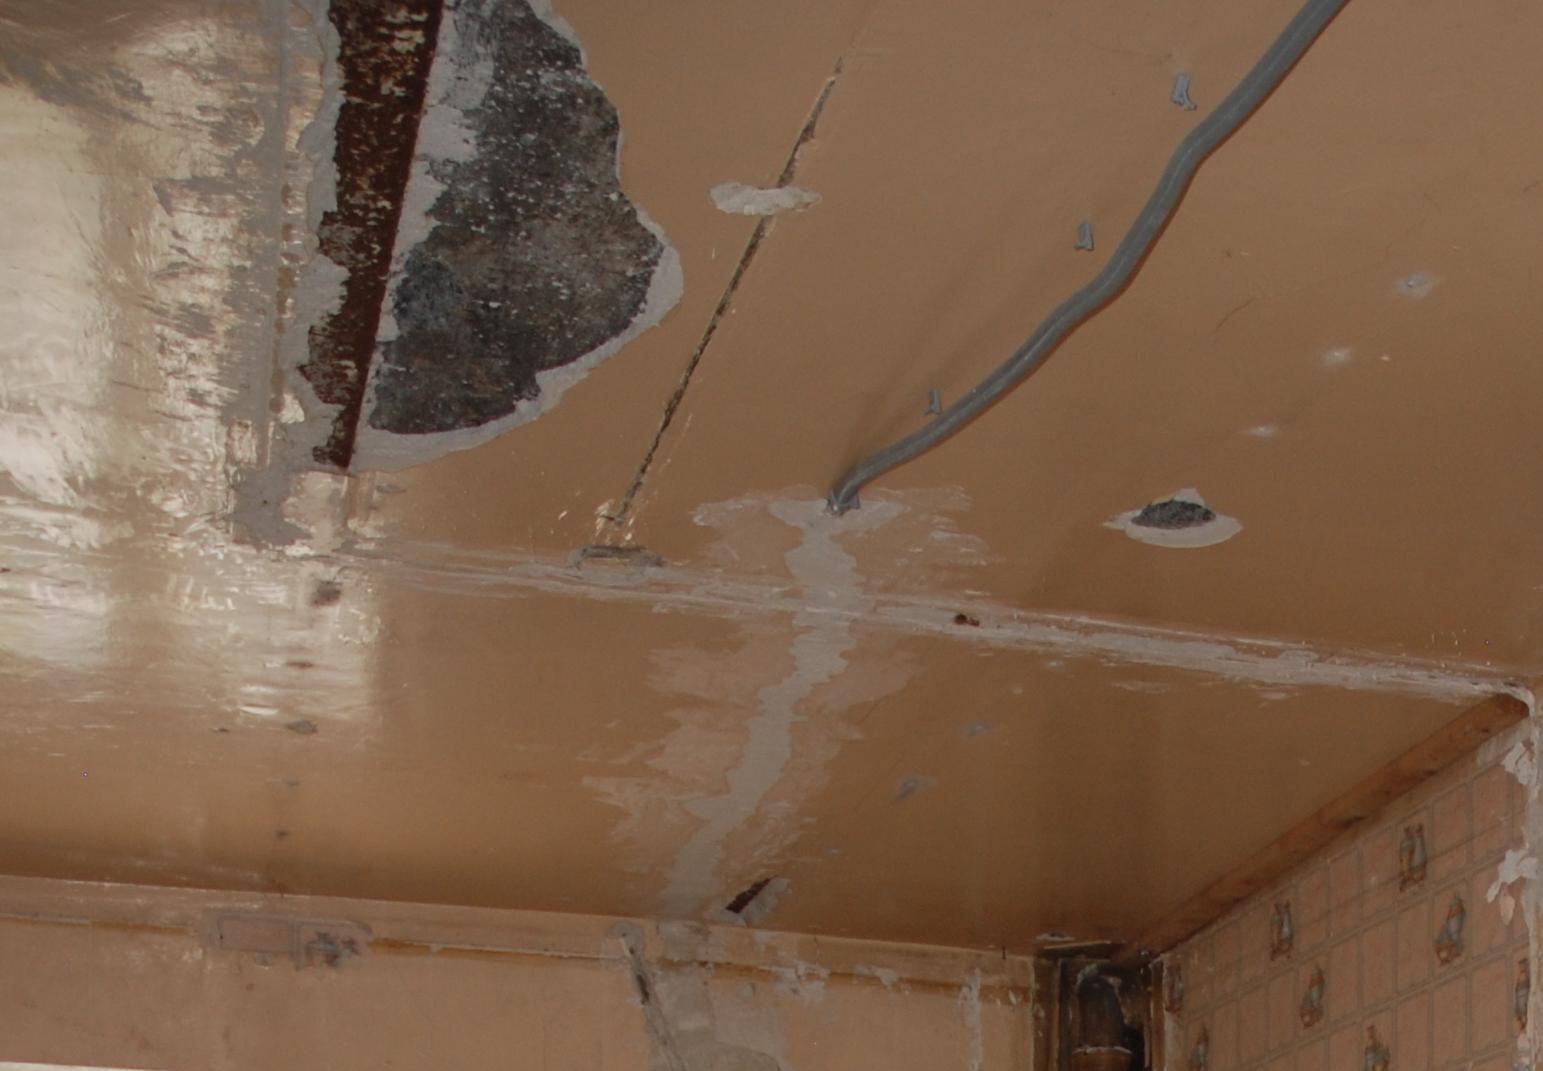 Fixation d 39 un faux plafond dans vieux batiment for Fixation pour faux plafond